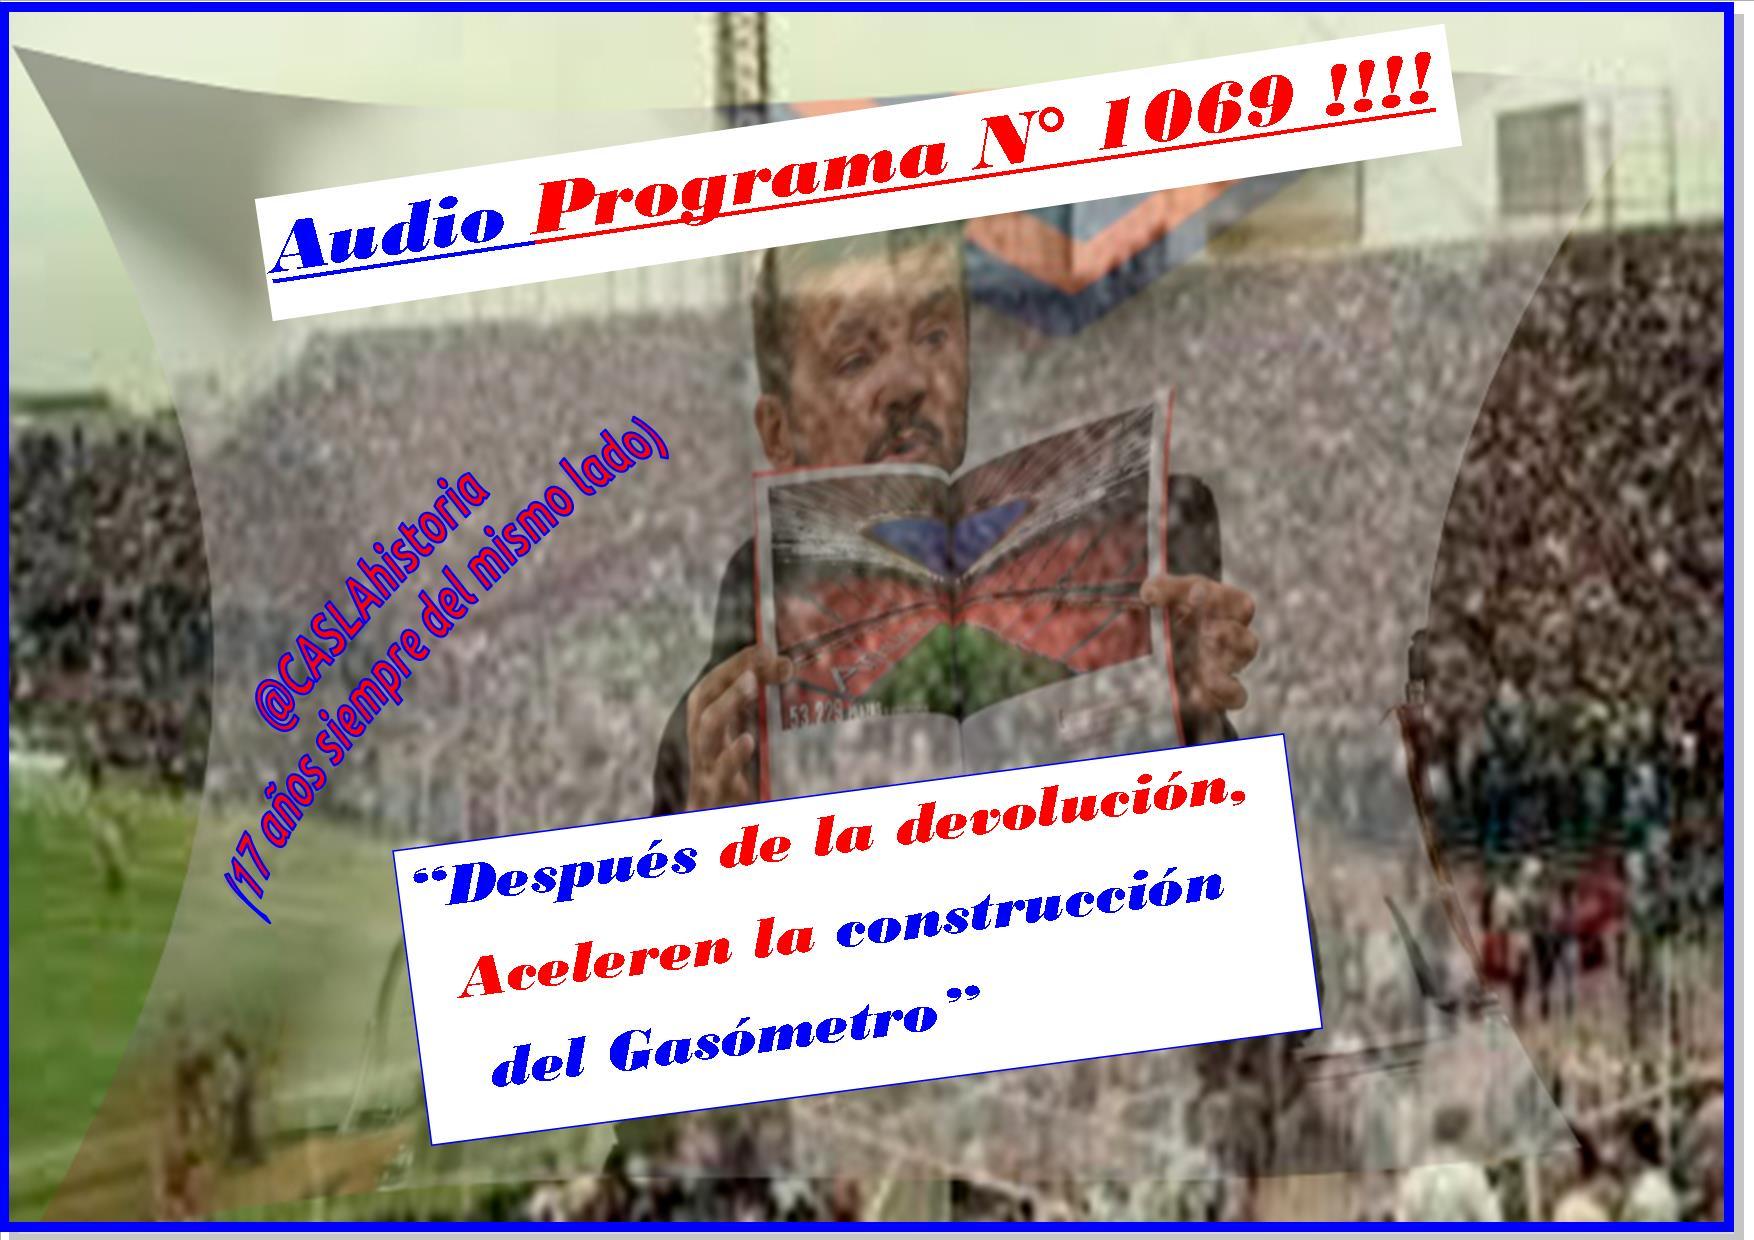 Audio Programa Nº 1069!!  «Después de la devolución, Aceleren la construcción del Gasómetro».